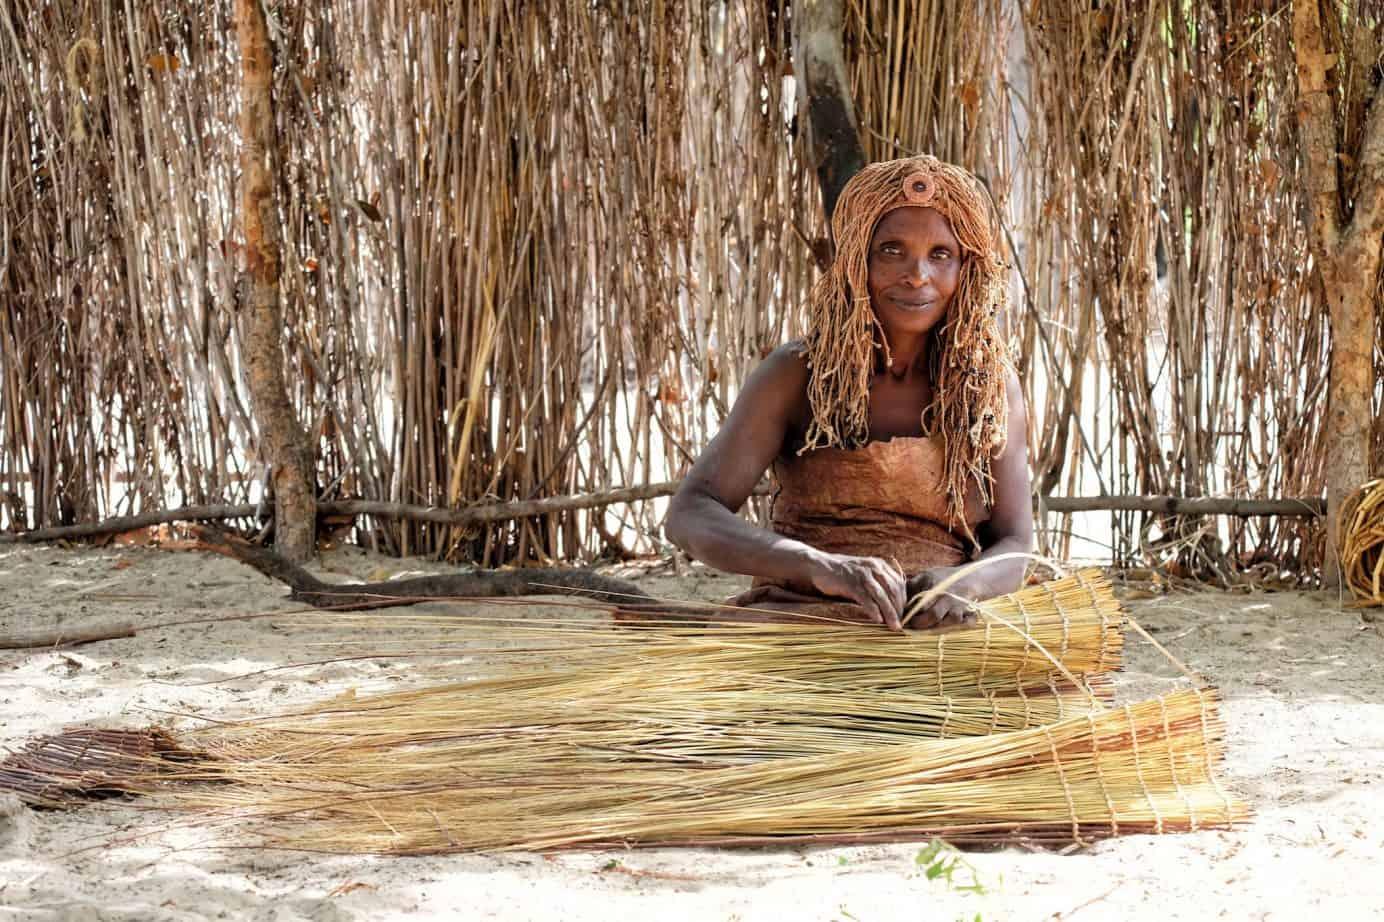 Observing Mbunza Culture